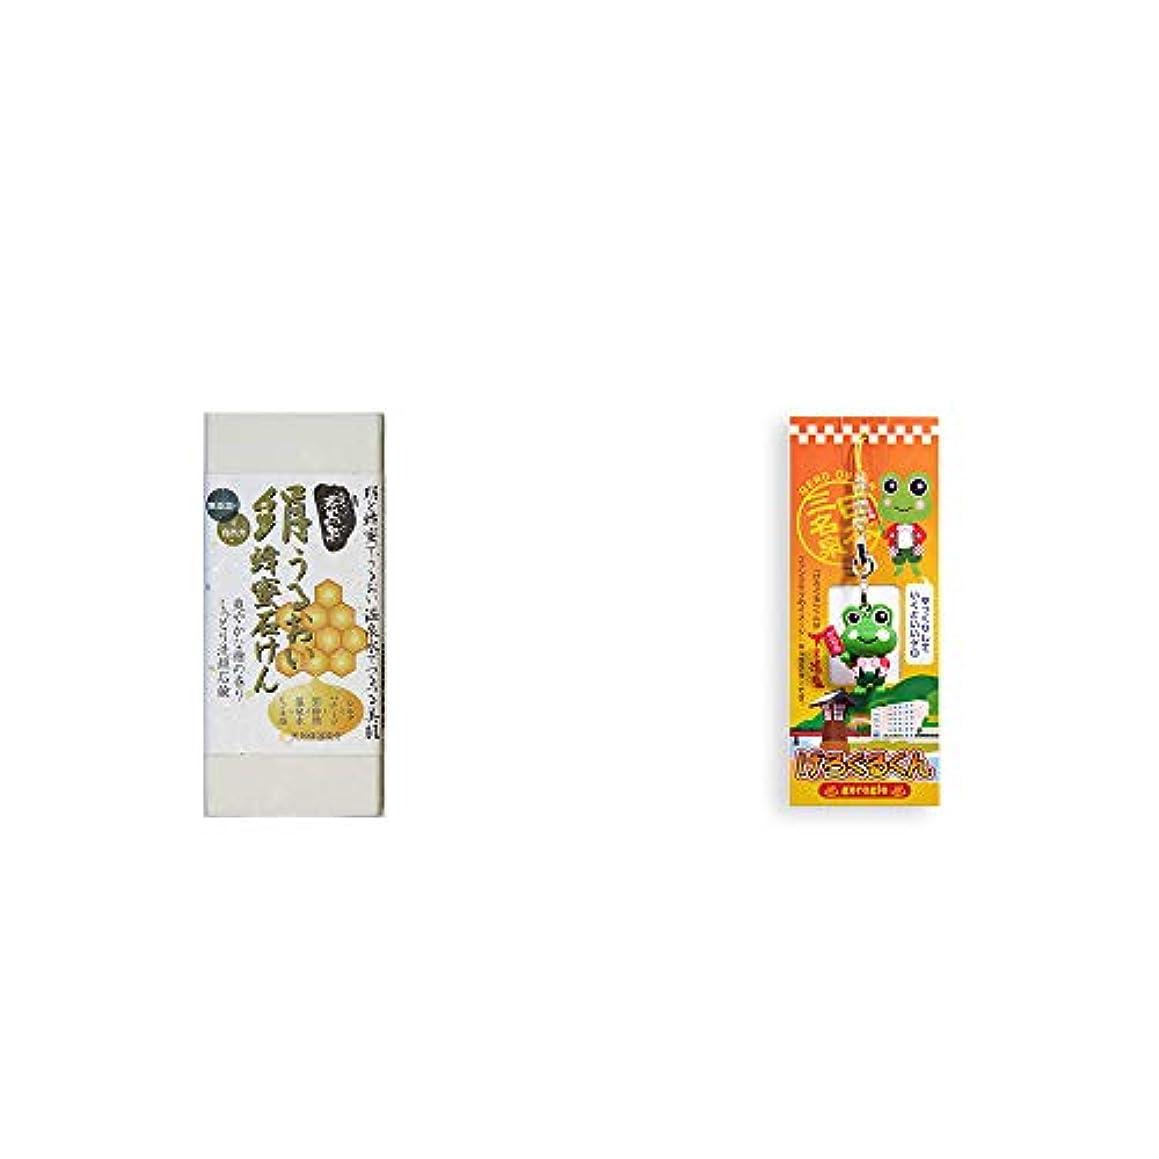 嫌なネックレット純粋に[2点セット] ひのき炭黒泉 絹うるおい蜂蜜石けん(75g×2)?下呂温泉ファンクラブのイメージキャラクター げろぐるくんストラップ